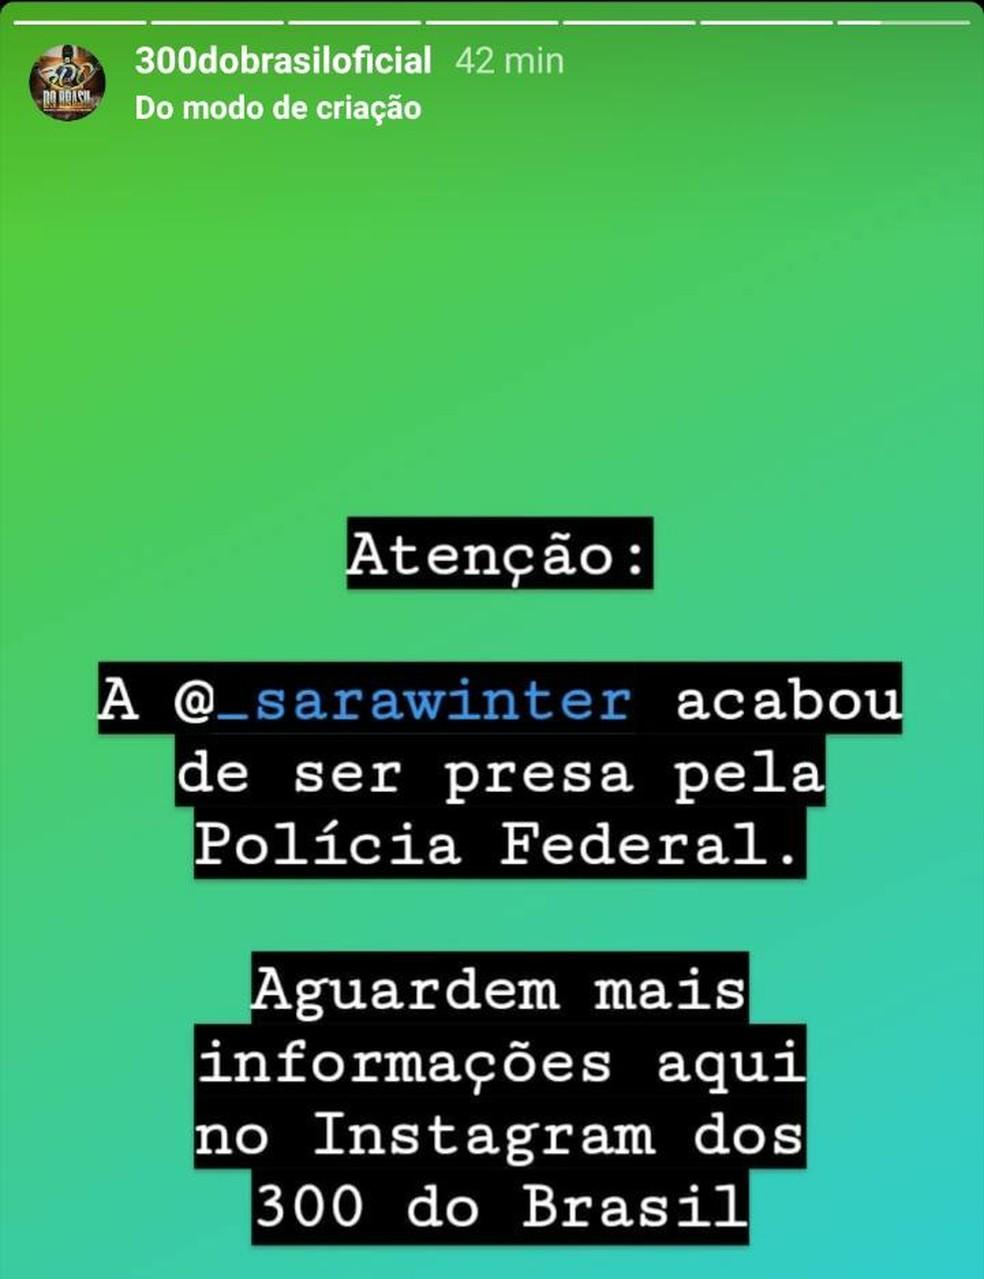 Grupo 300 do Brasil divulgou a prisão de Sara Winter pelas redes sociais — Foto: Instagram/Reprodução